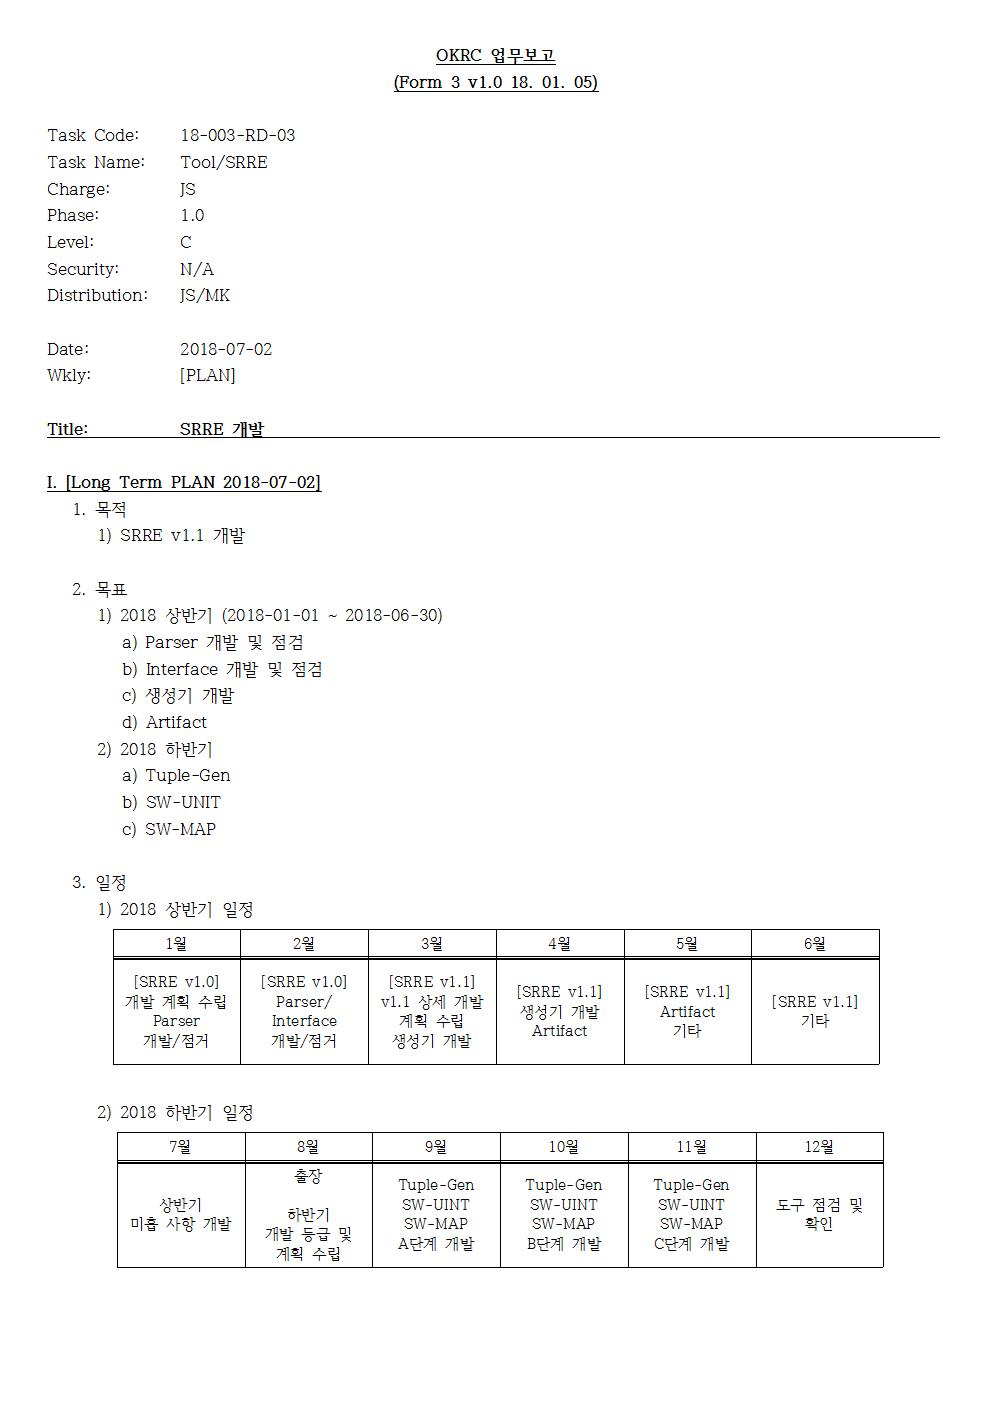 D-[18-003-RD-03]-[SRRE]-[2018-07-05][JS]001.jpg